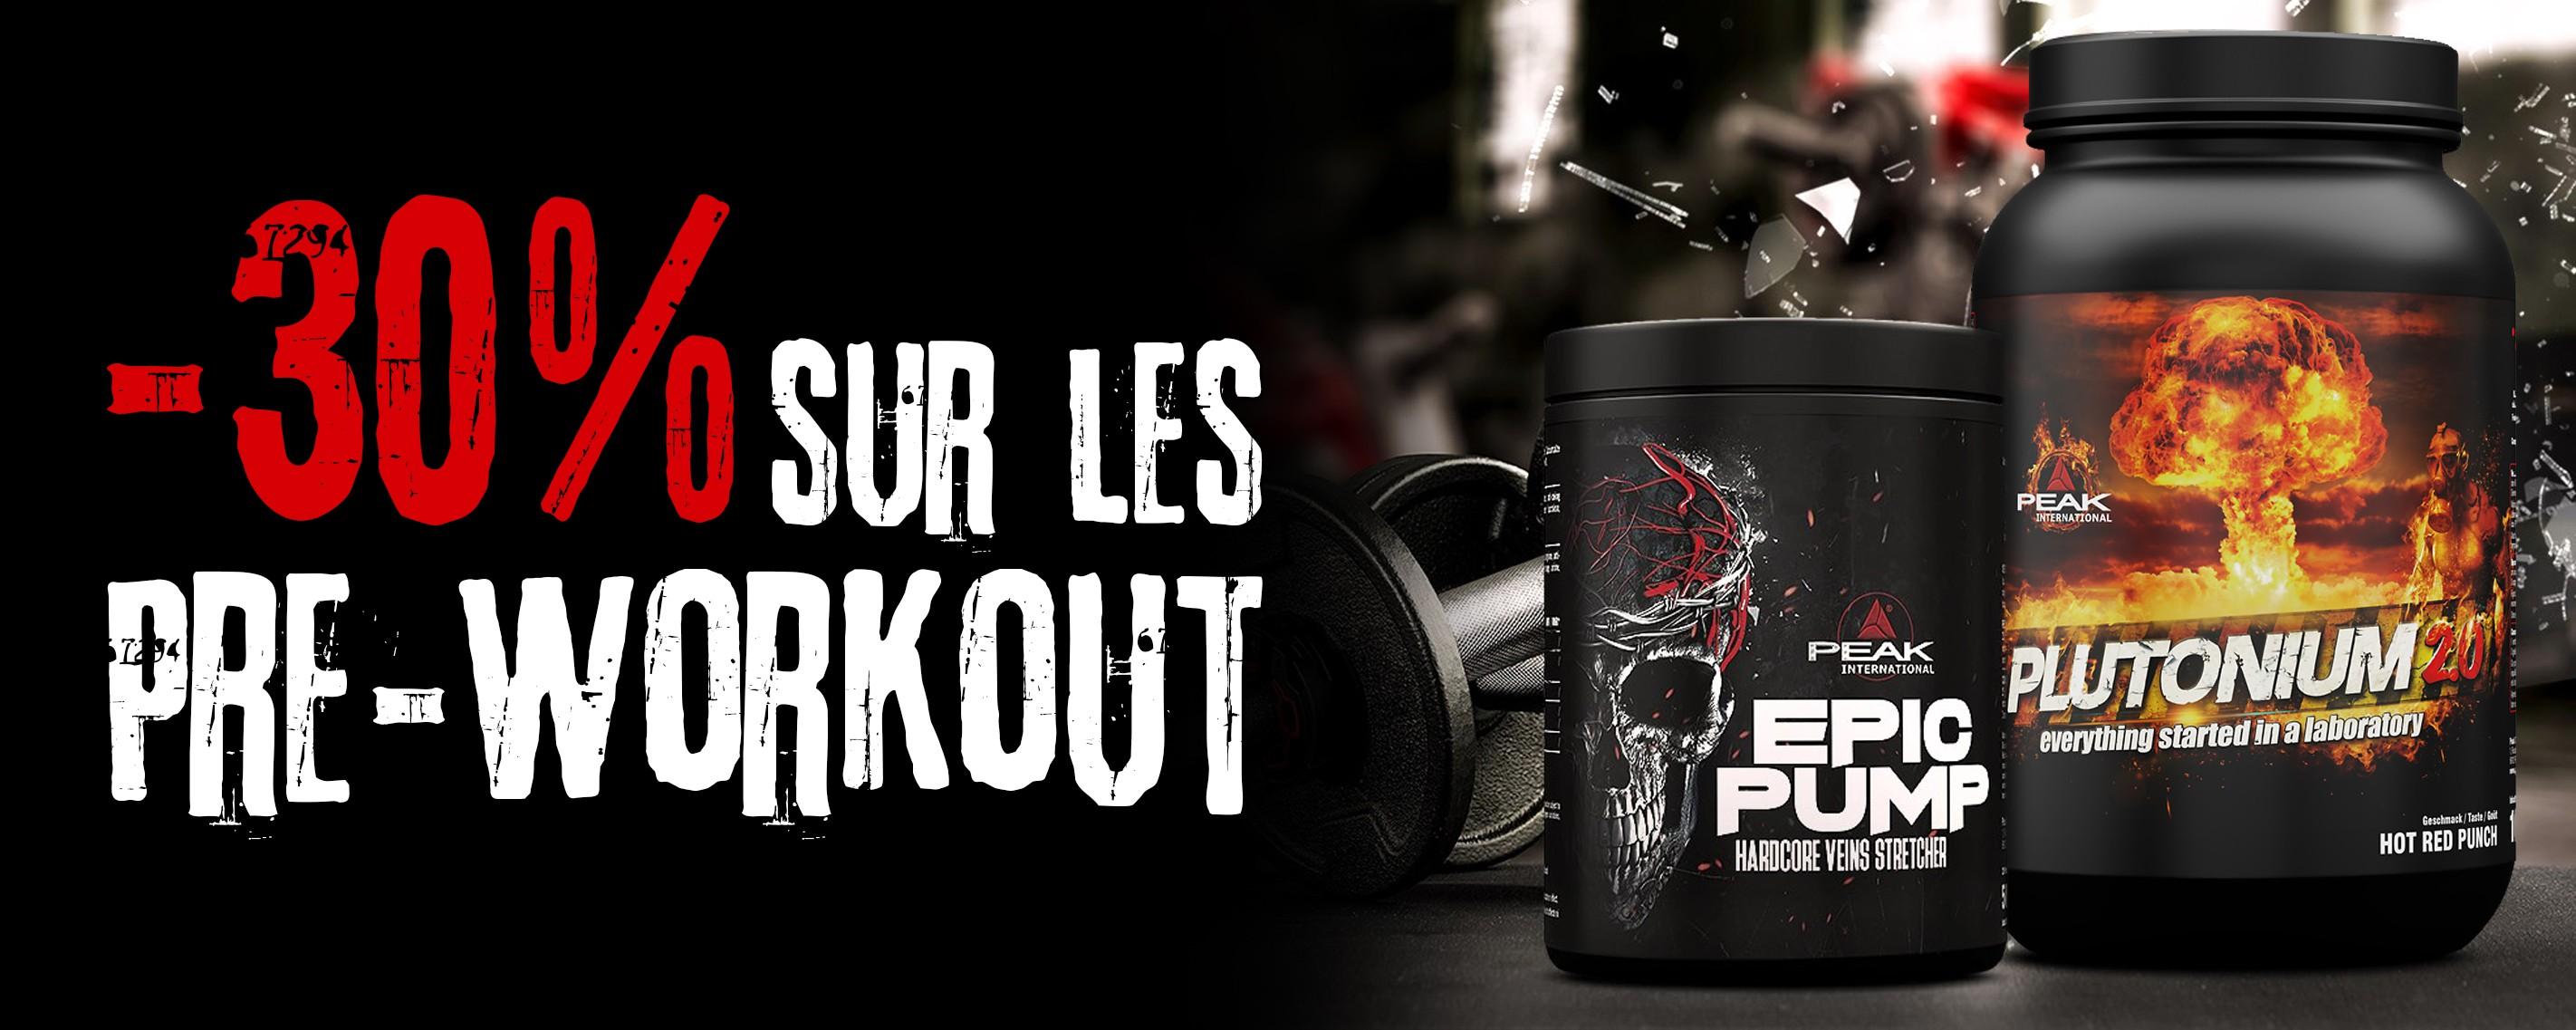 -30% Pre-Workout